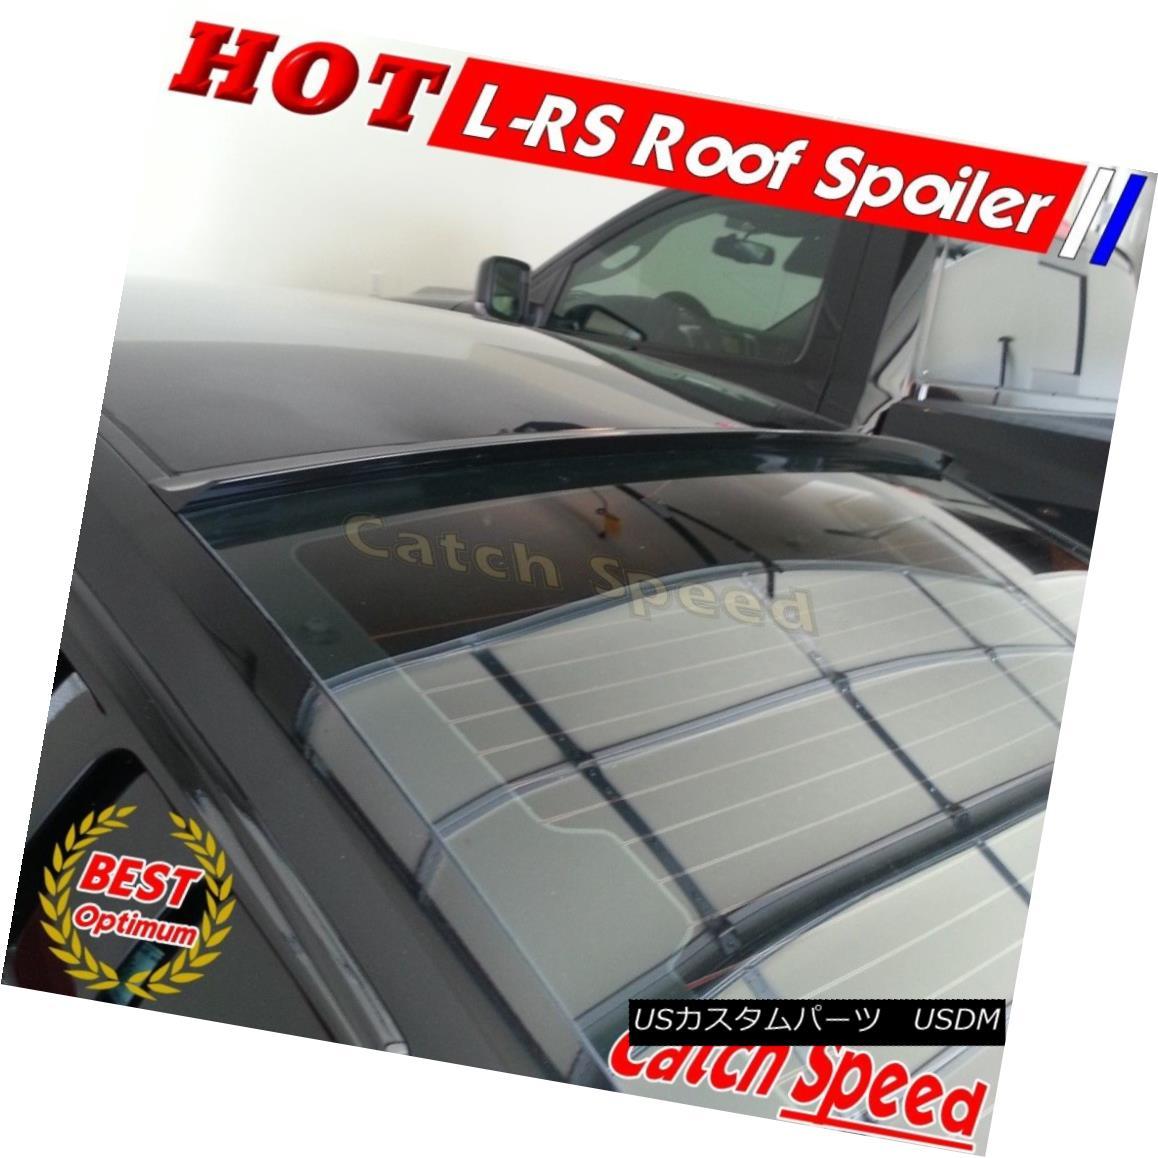 エアロパーツ Flat Black LRS Style Rear Roof Spoiler Wing For Chevrolet Malibu 6th 2004-2007 ? シボレーマリブのフラットブラックLRSスタイルリアルーフスポイラーウイング第6回2004-2007?